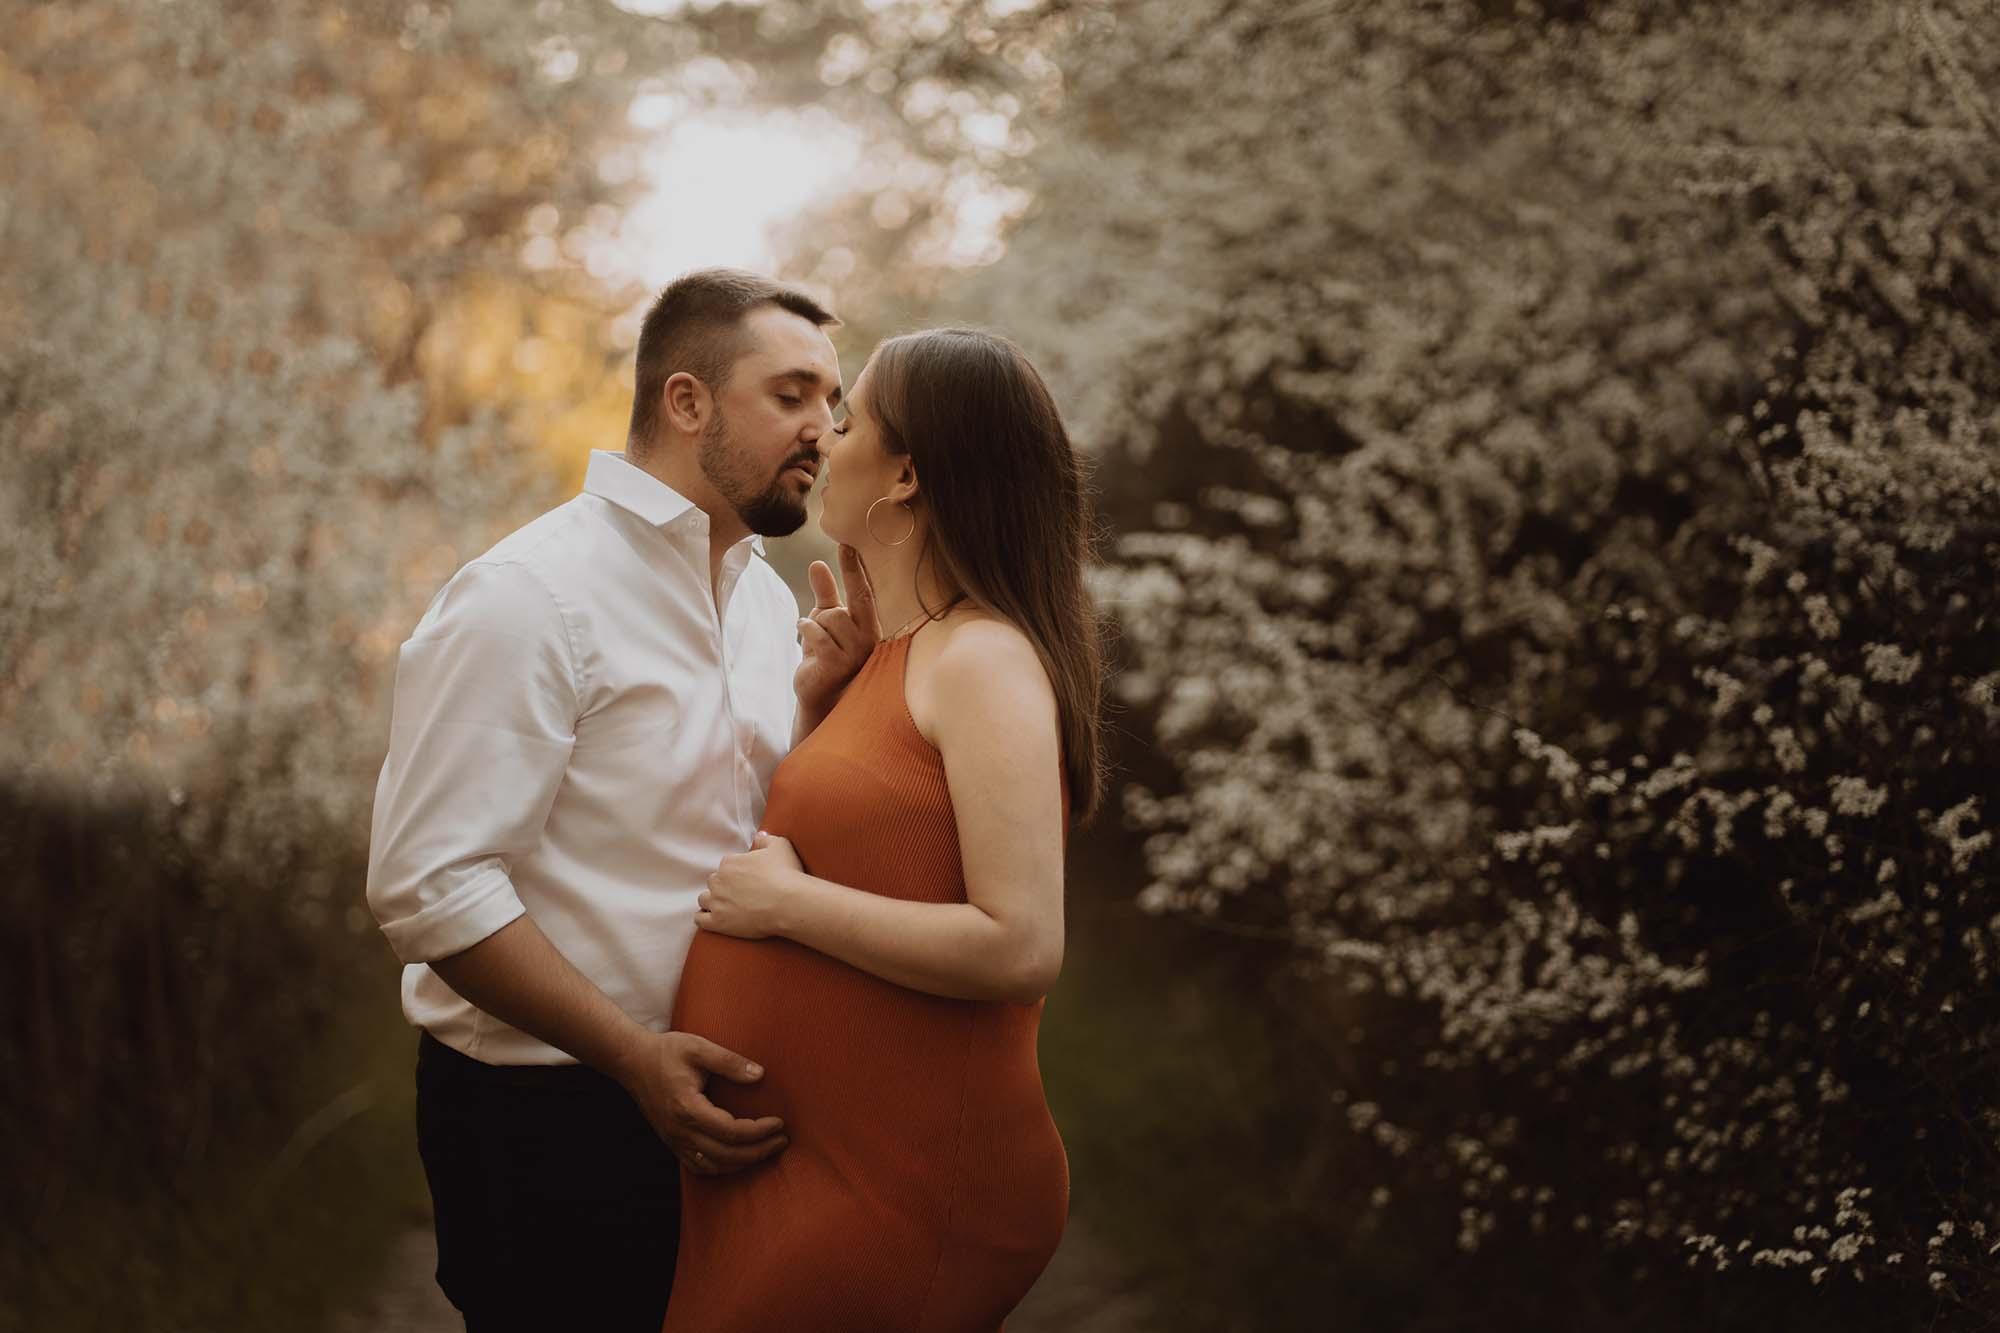 Wiosenna sesja ciazowa kielce00017 - Wiosenna sesja ciążowa